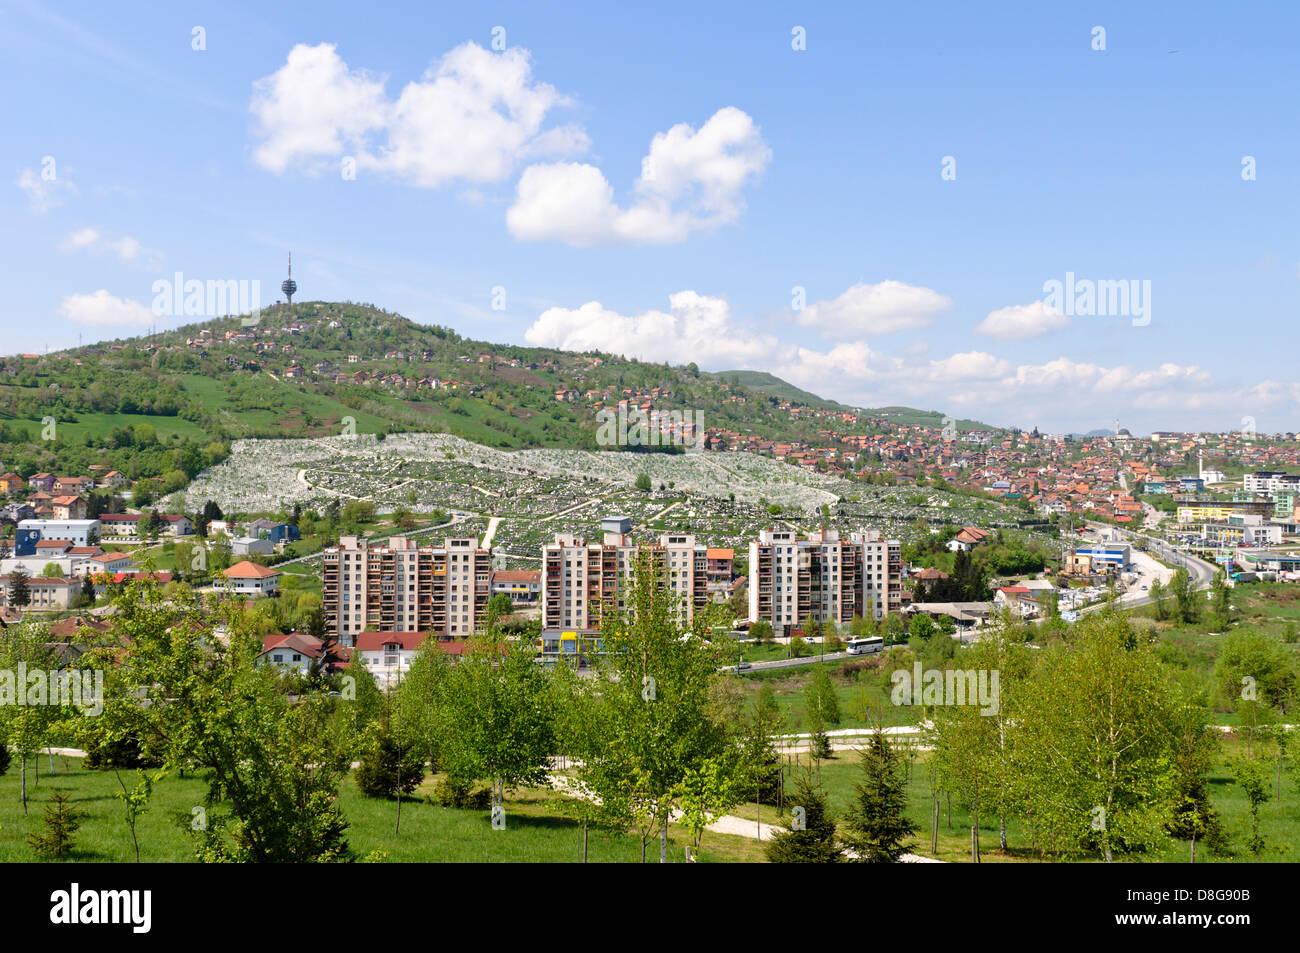 View of Sarajevo, Bosnia Herzegovina - Stock Image